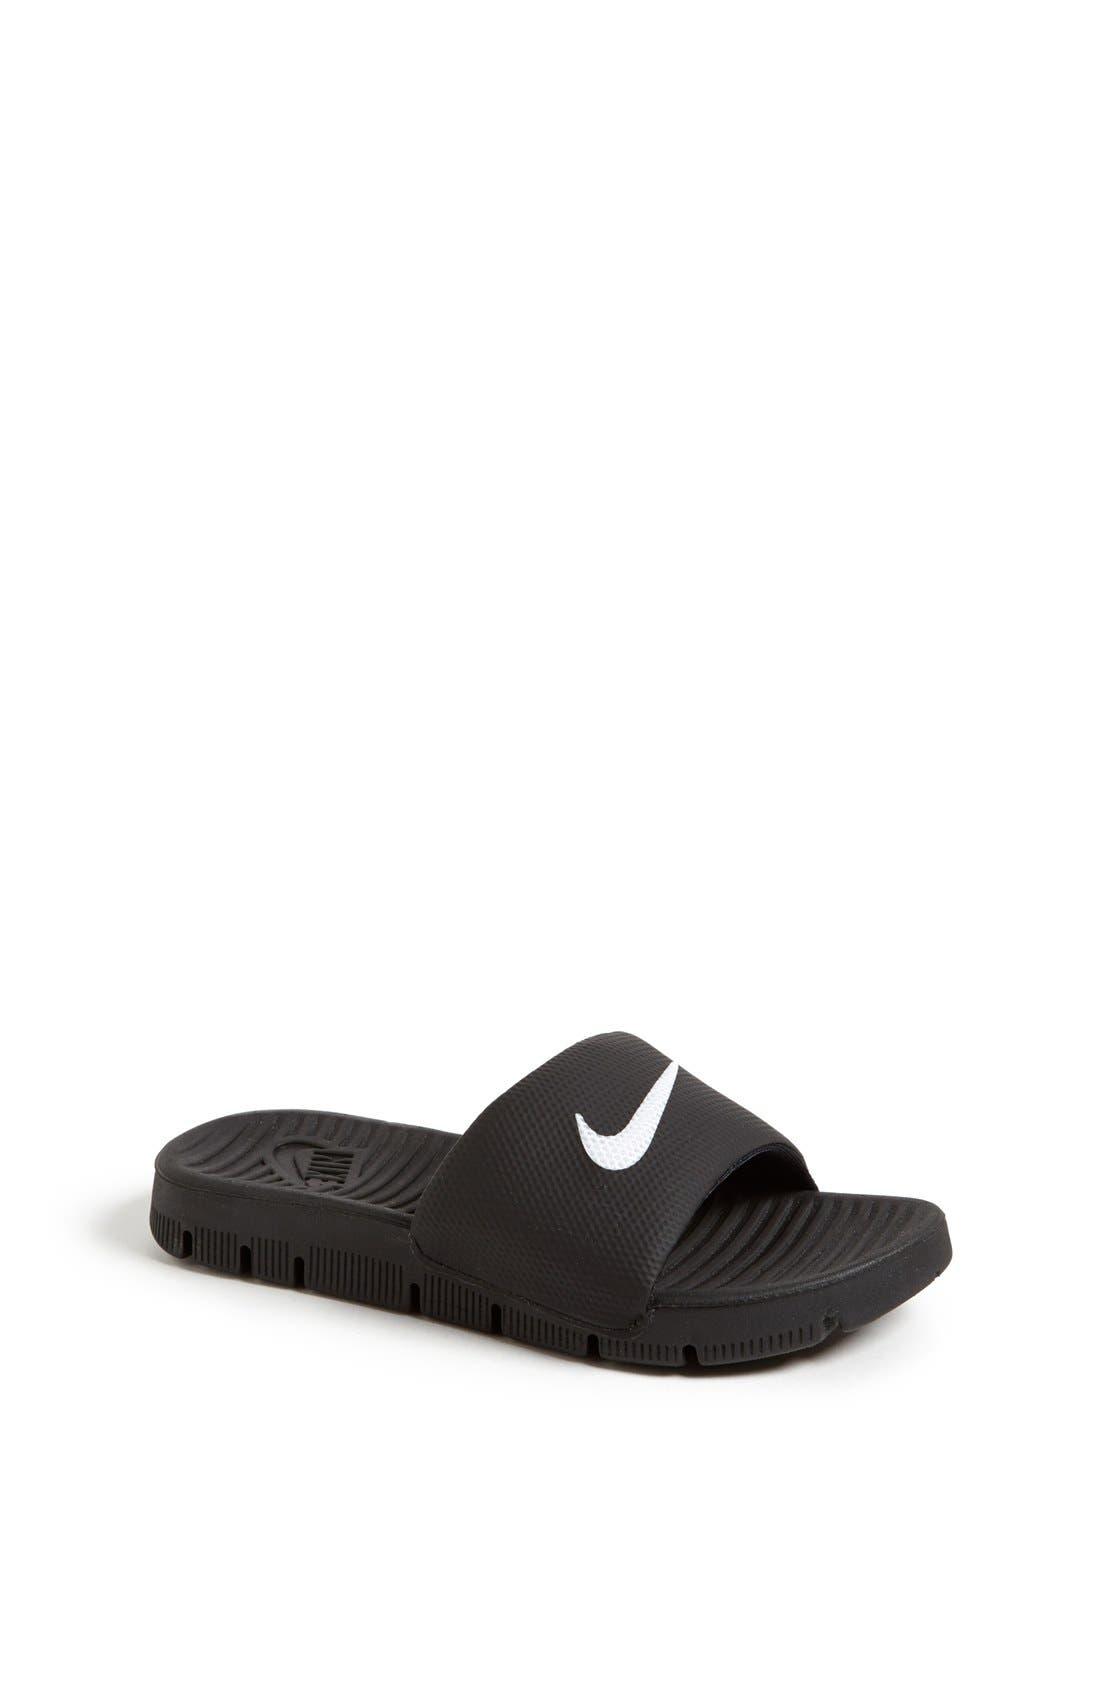 Main Image - Nike 'Flex Motion' Sandal (Little Kid & Big Kid)